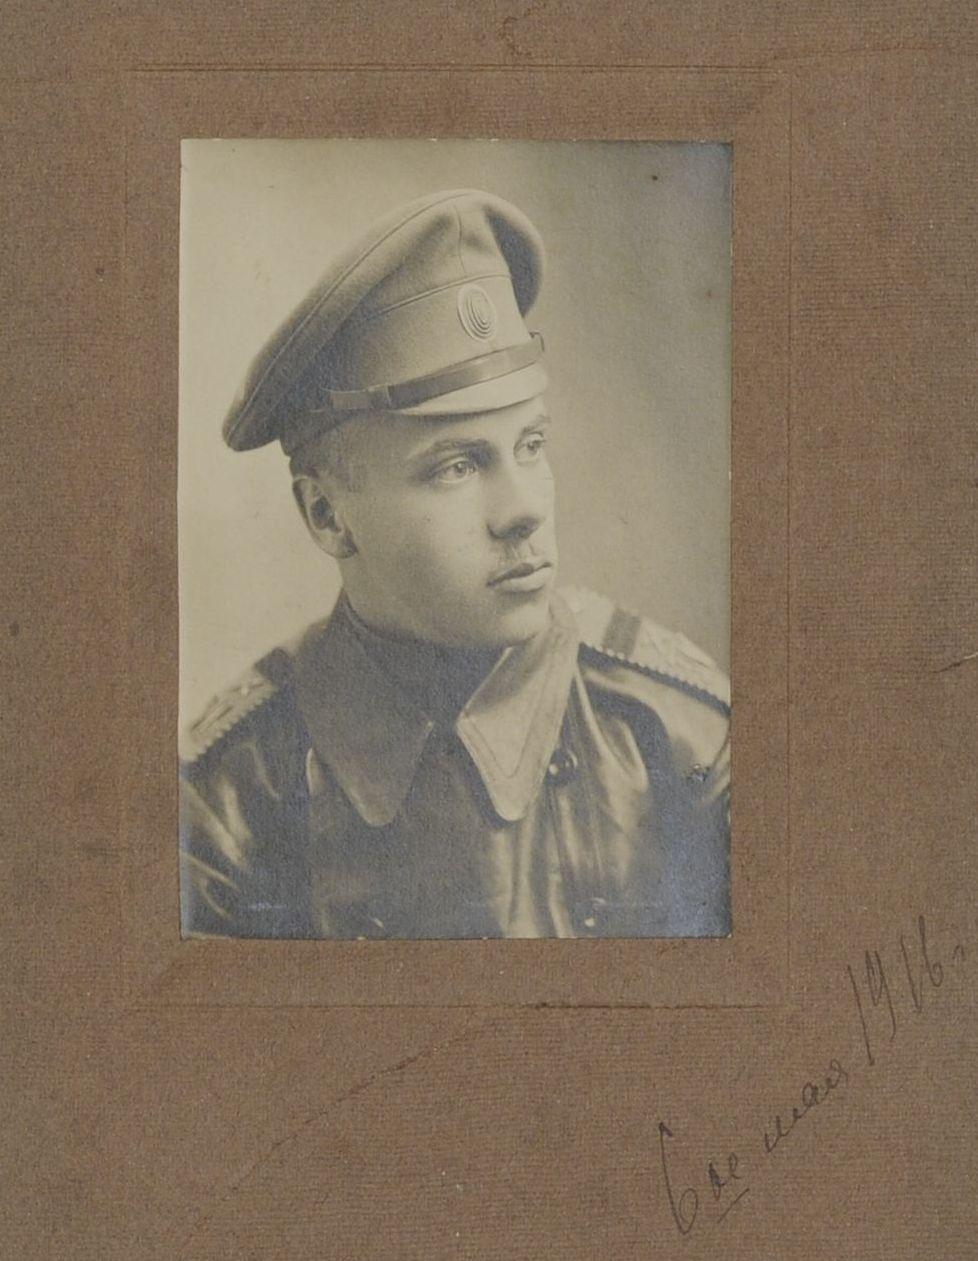 Фото вольноопредиляющегося унтер-офицера 37-ой артиллерийской бригады. 1916